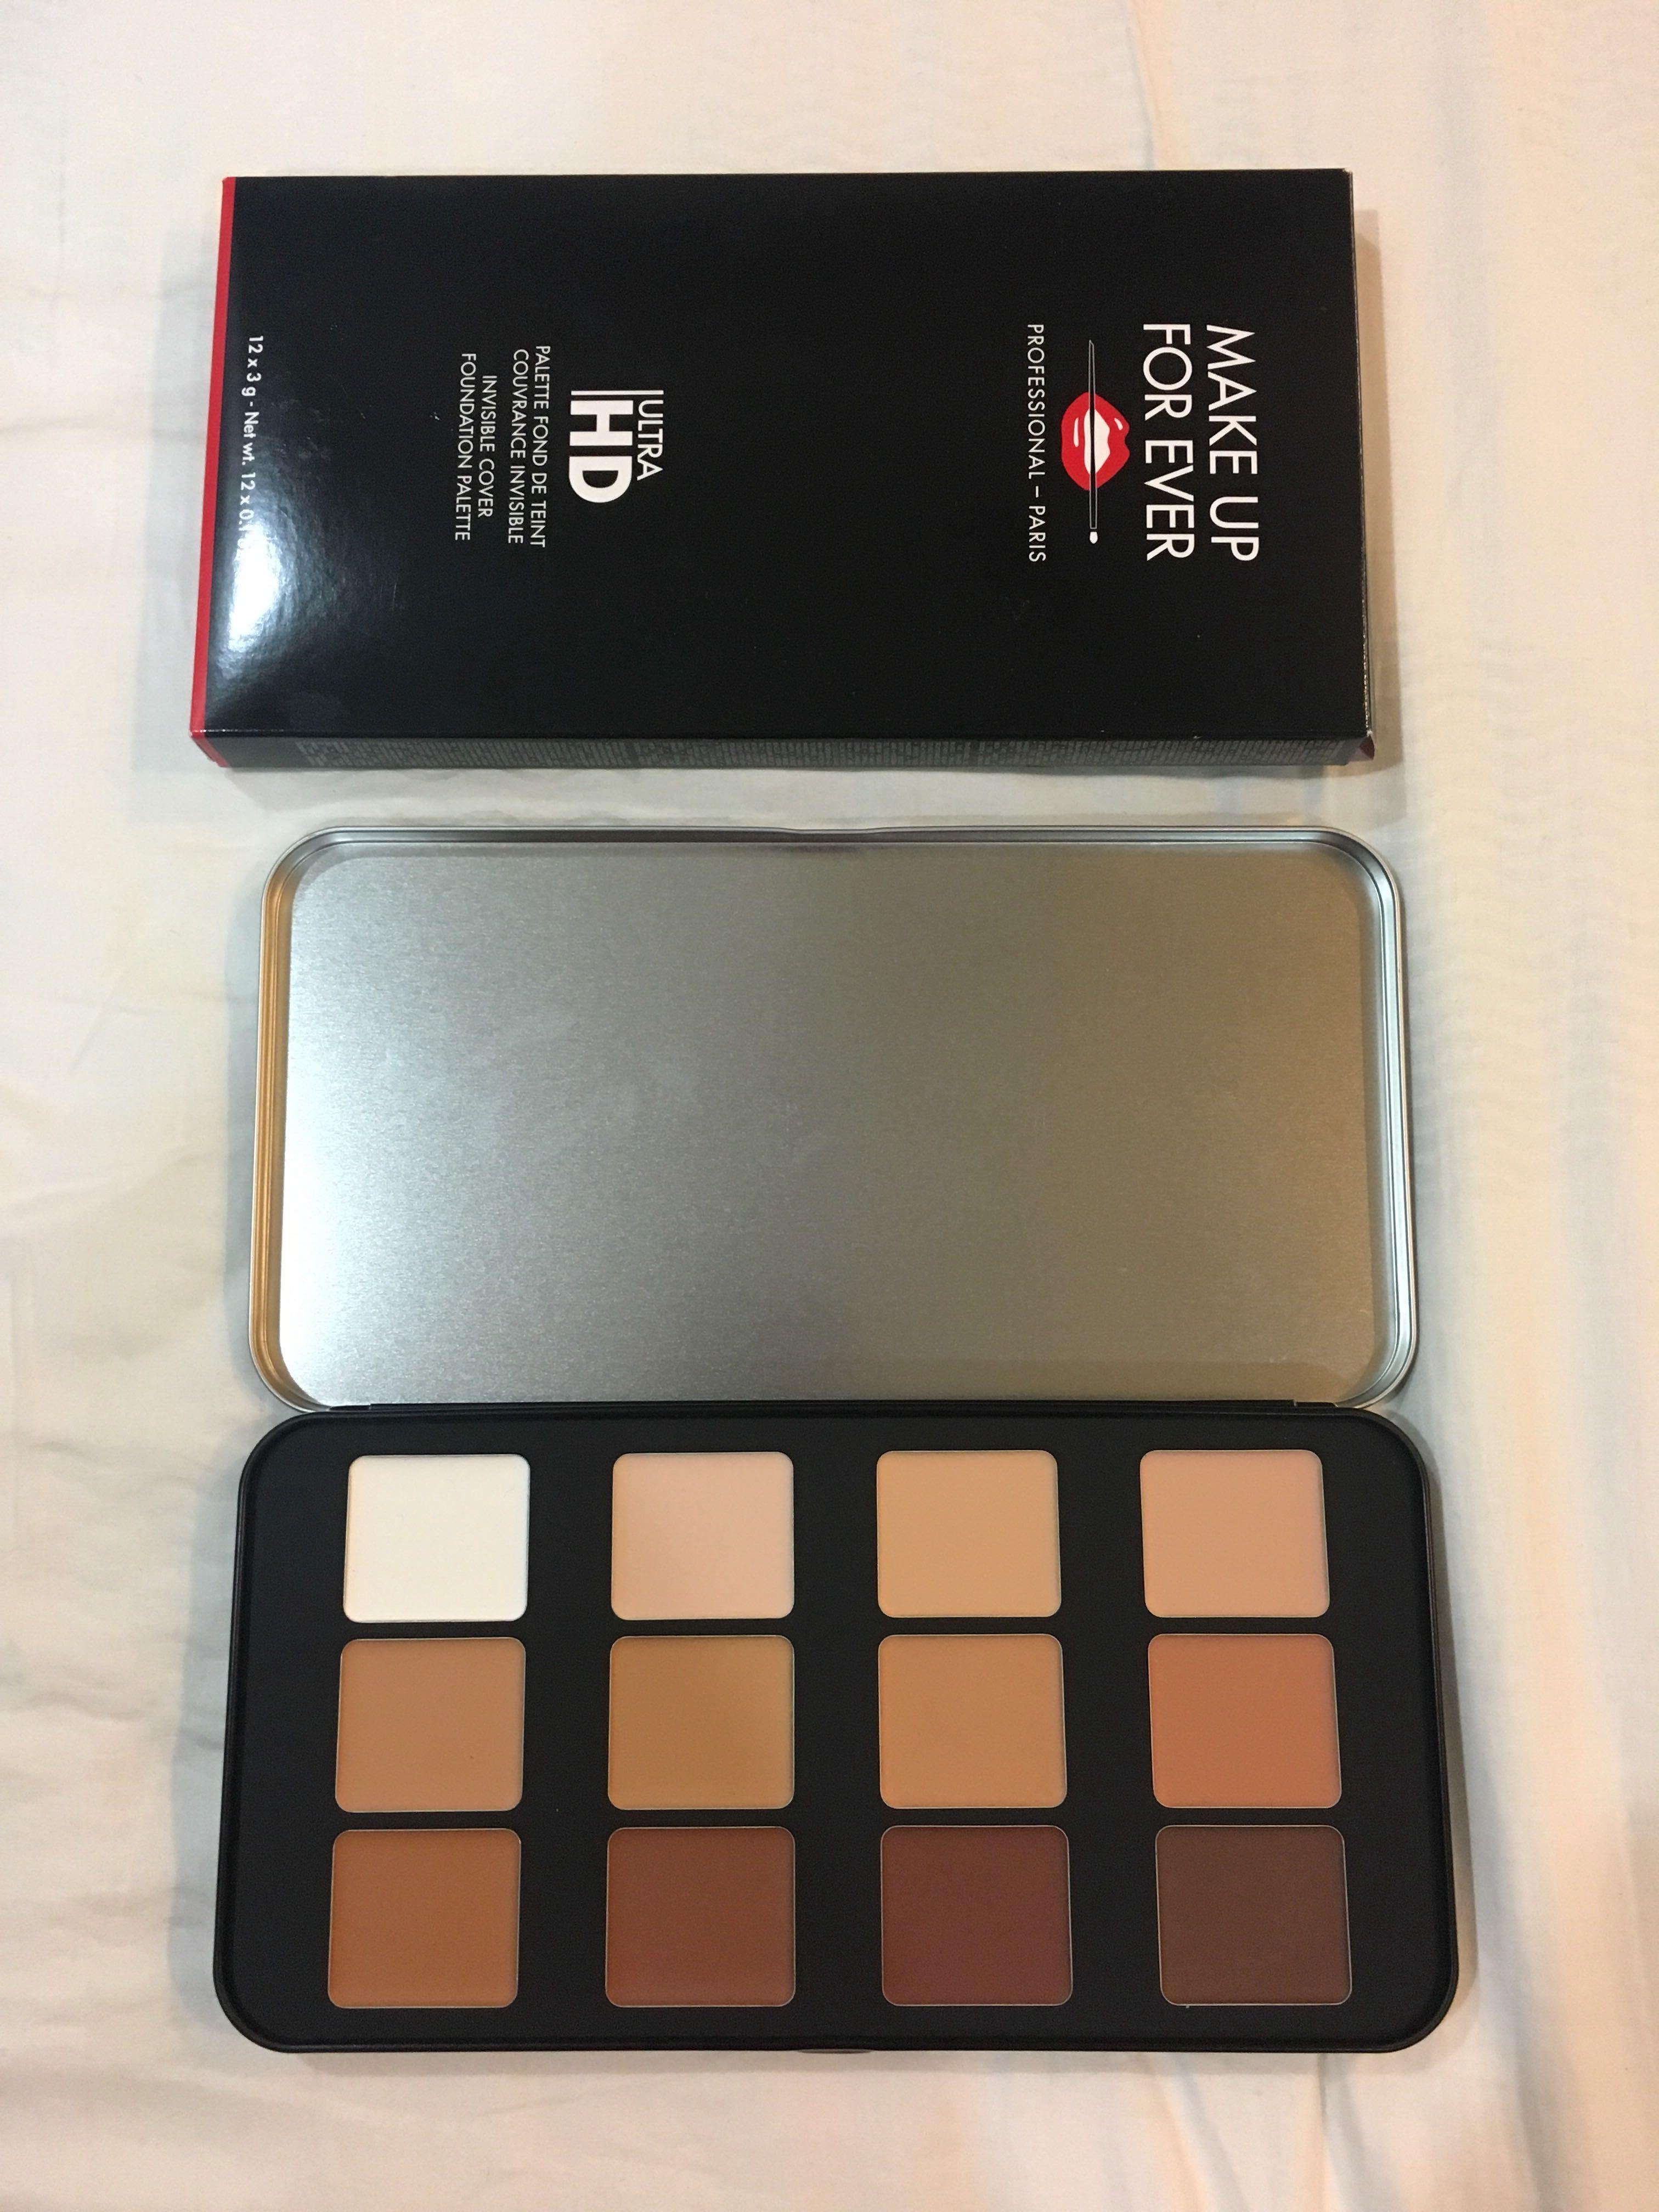 Makeup Forever Foundation Palette